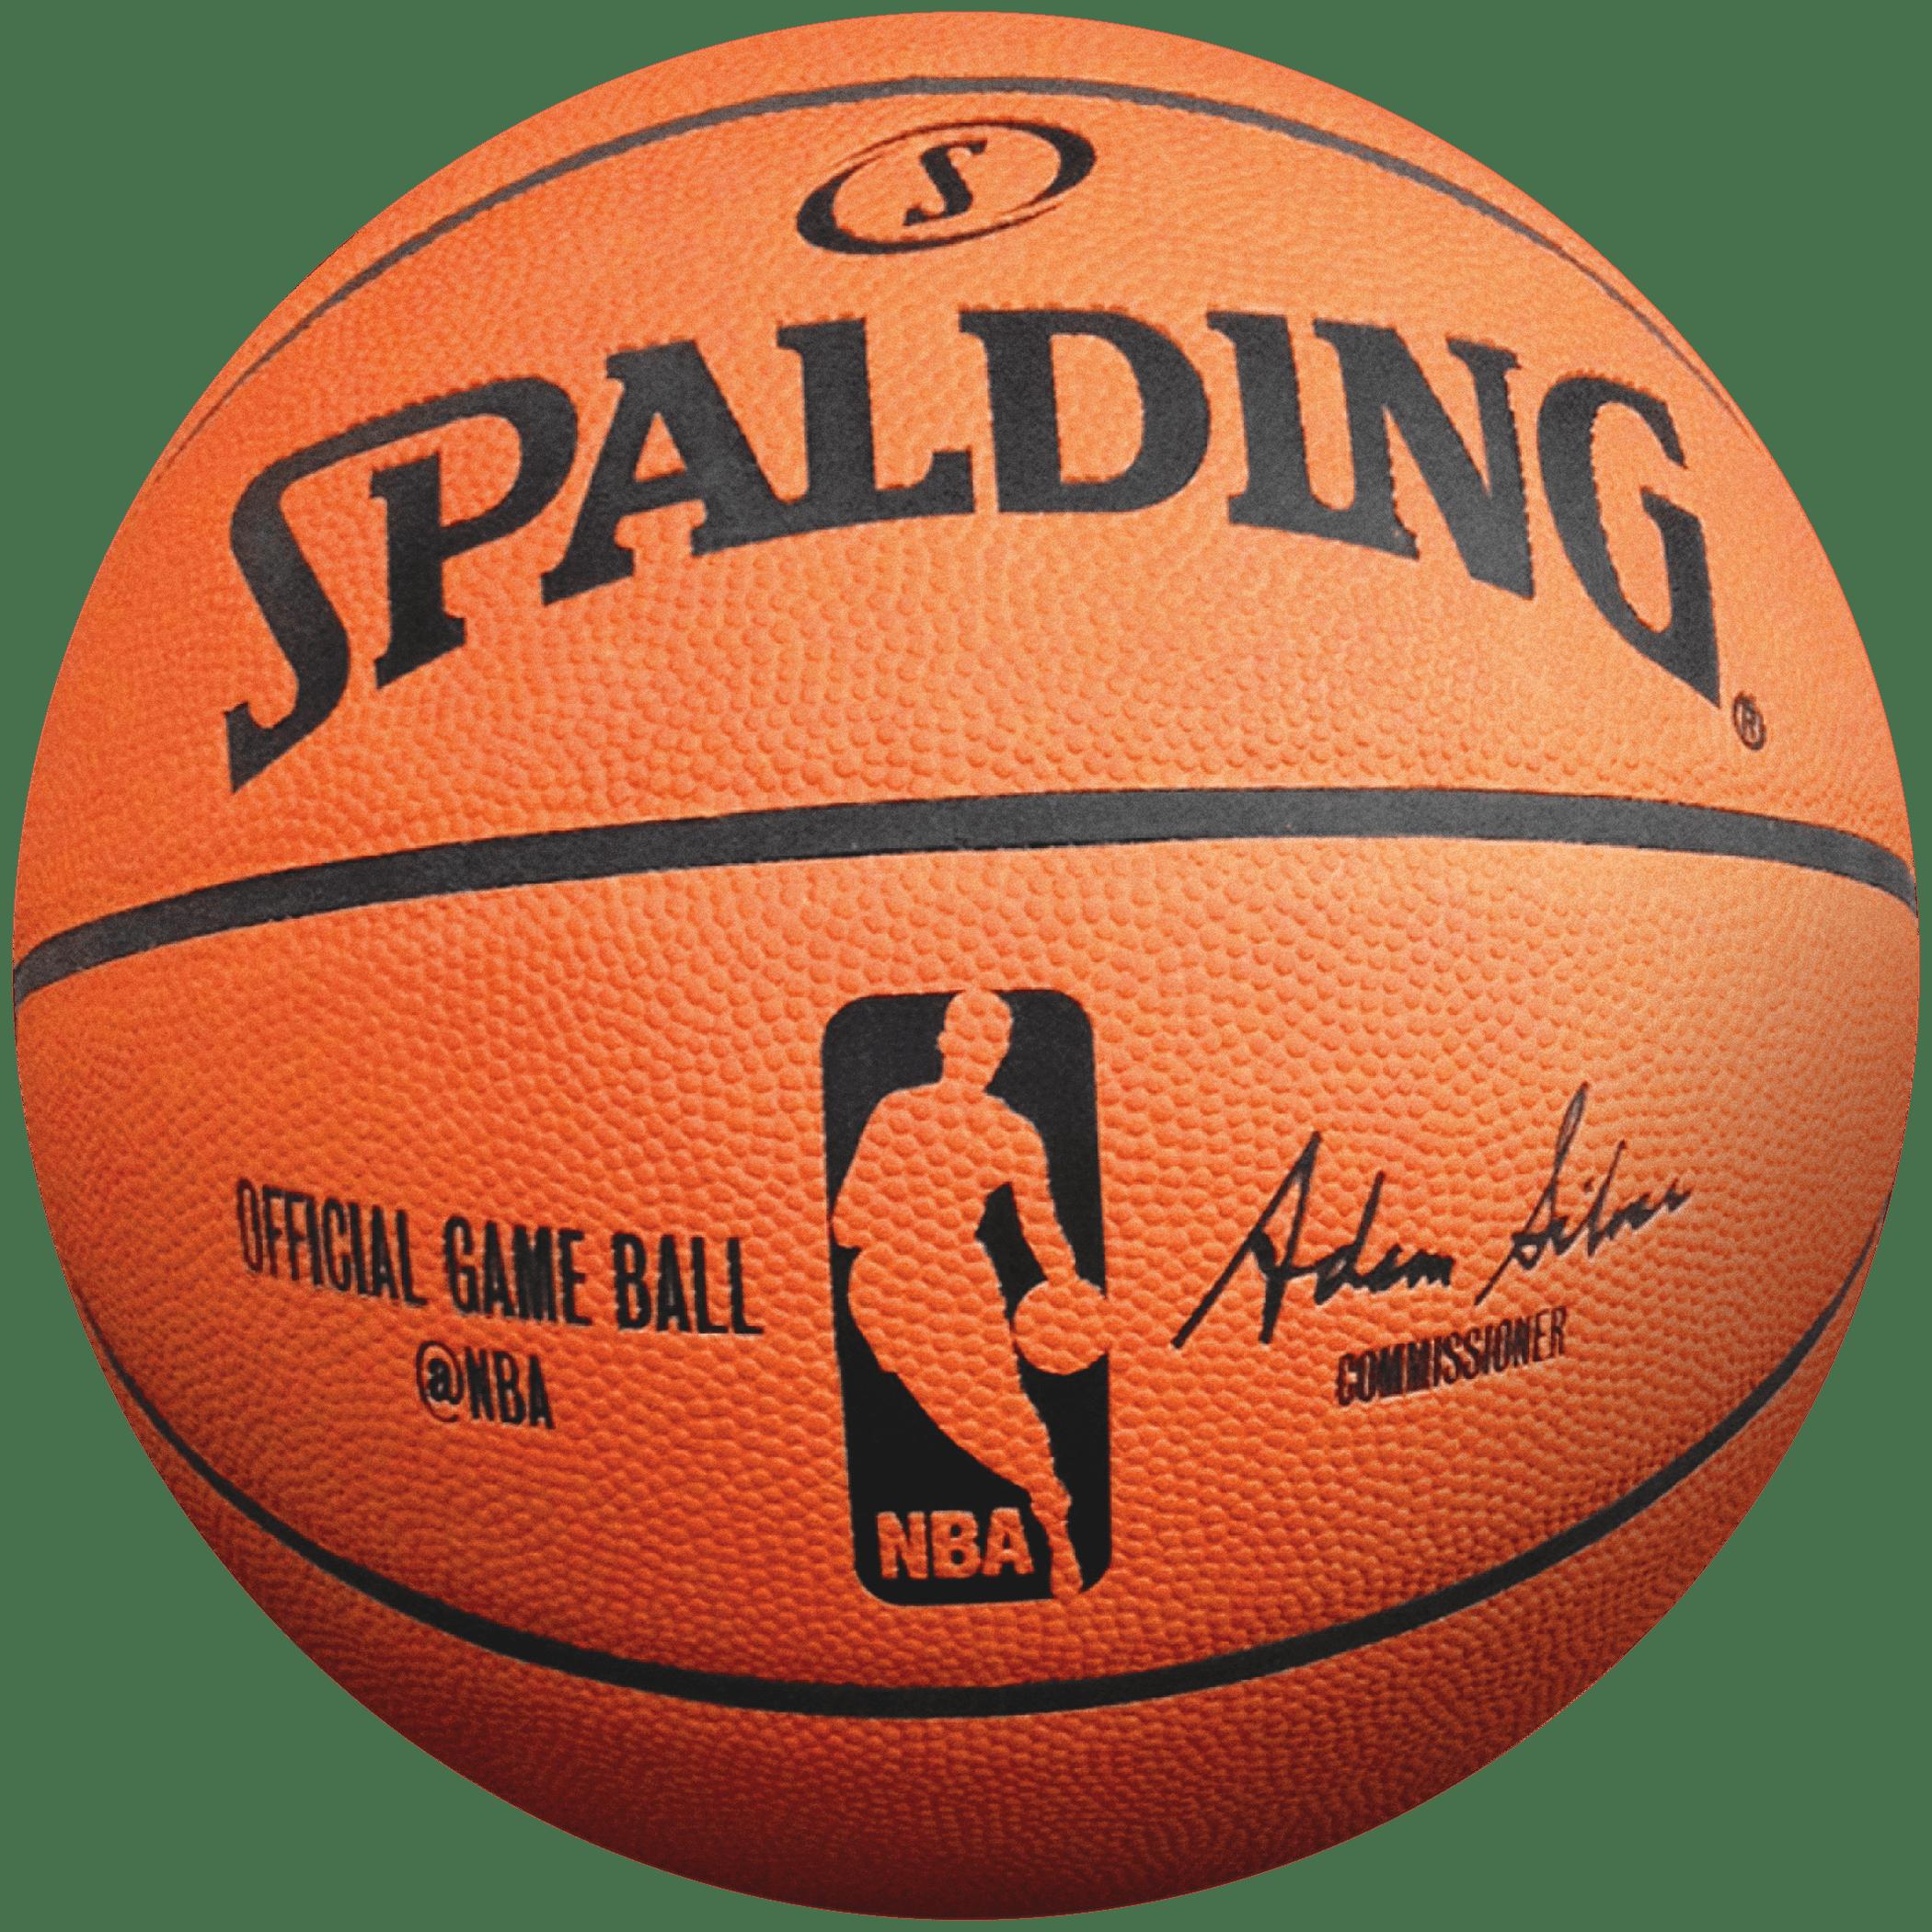 Spalding Basketball transparent PNG.